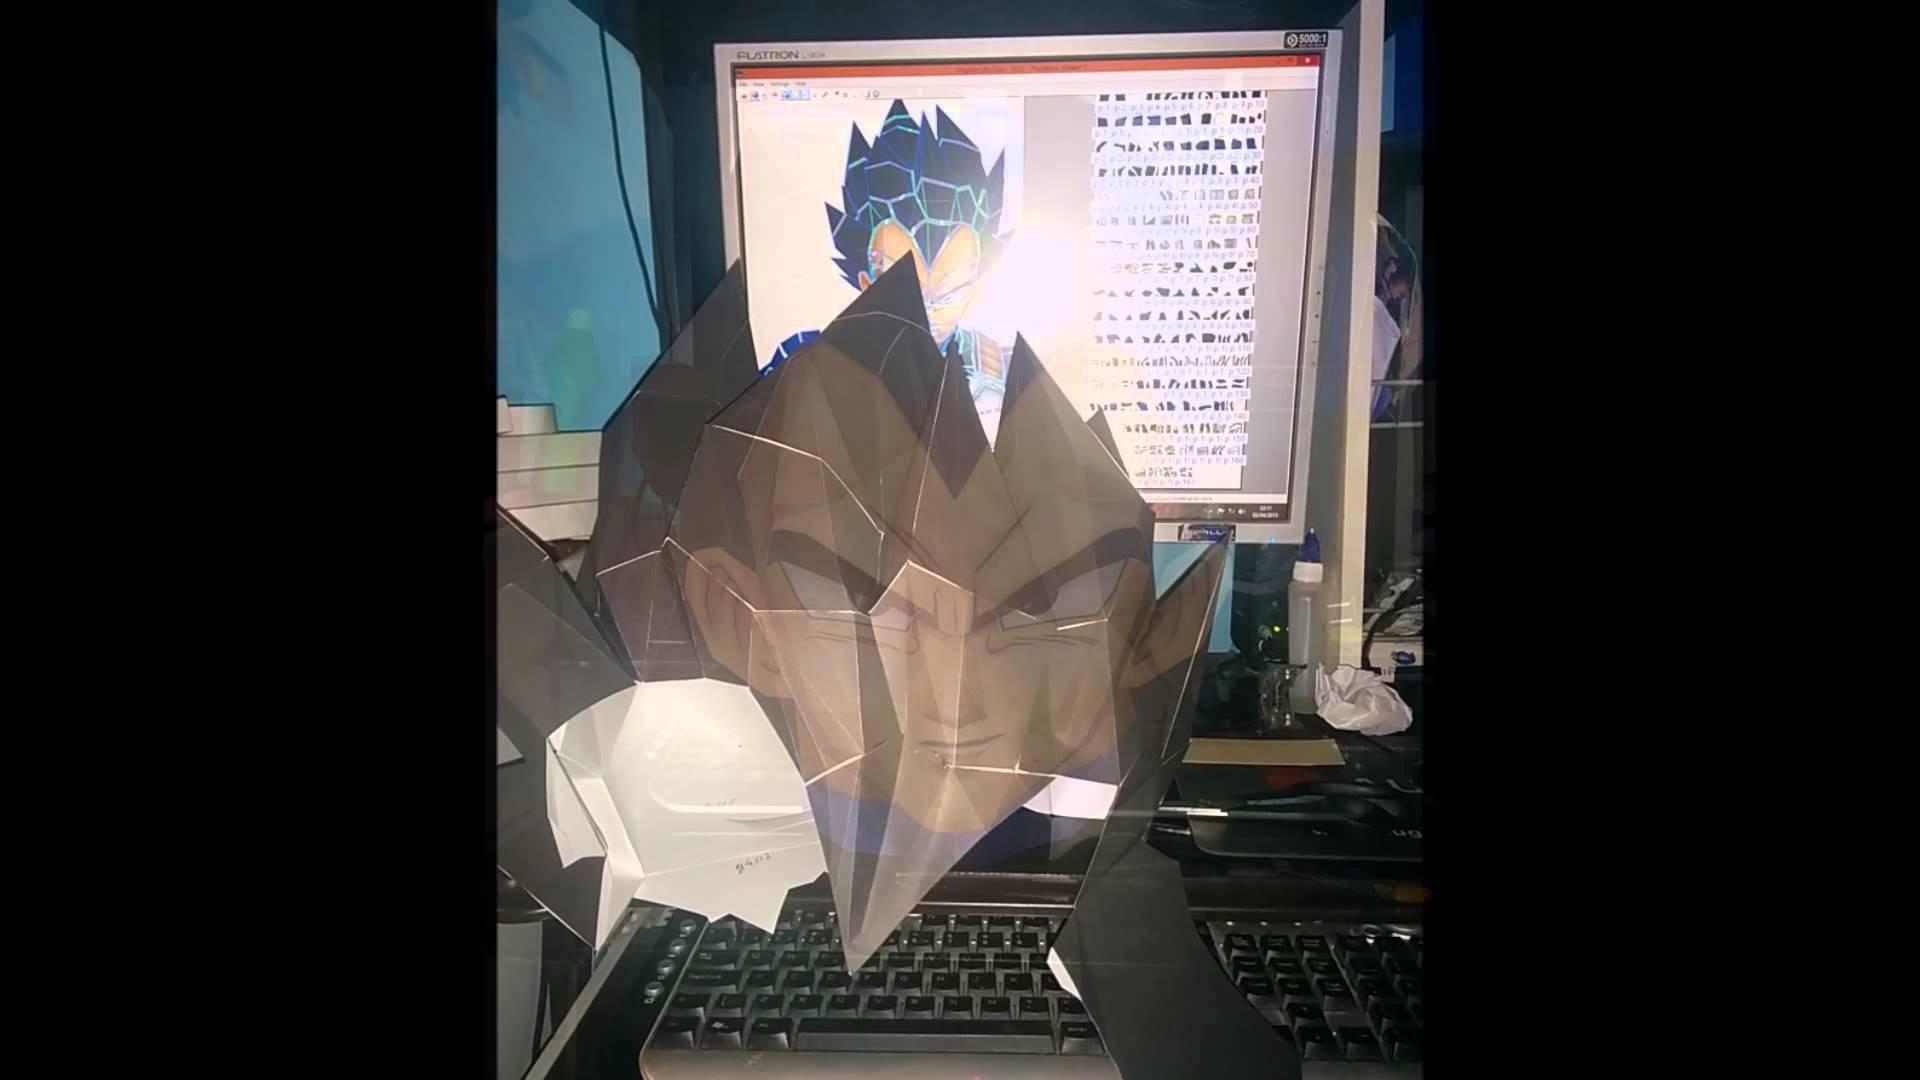 DRAGON BALL - Montagem de Vegeta em Papercraft (tamanho real).